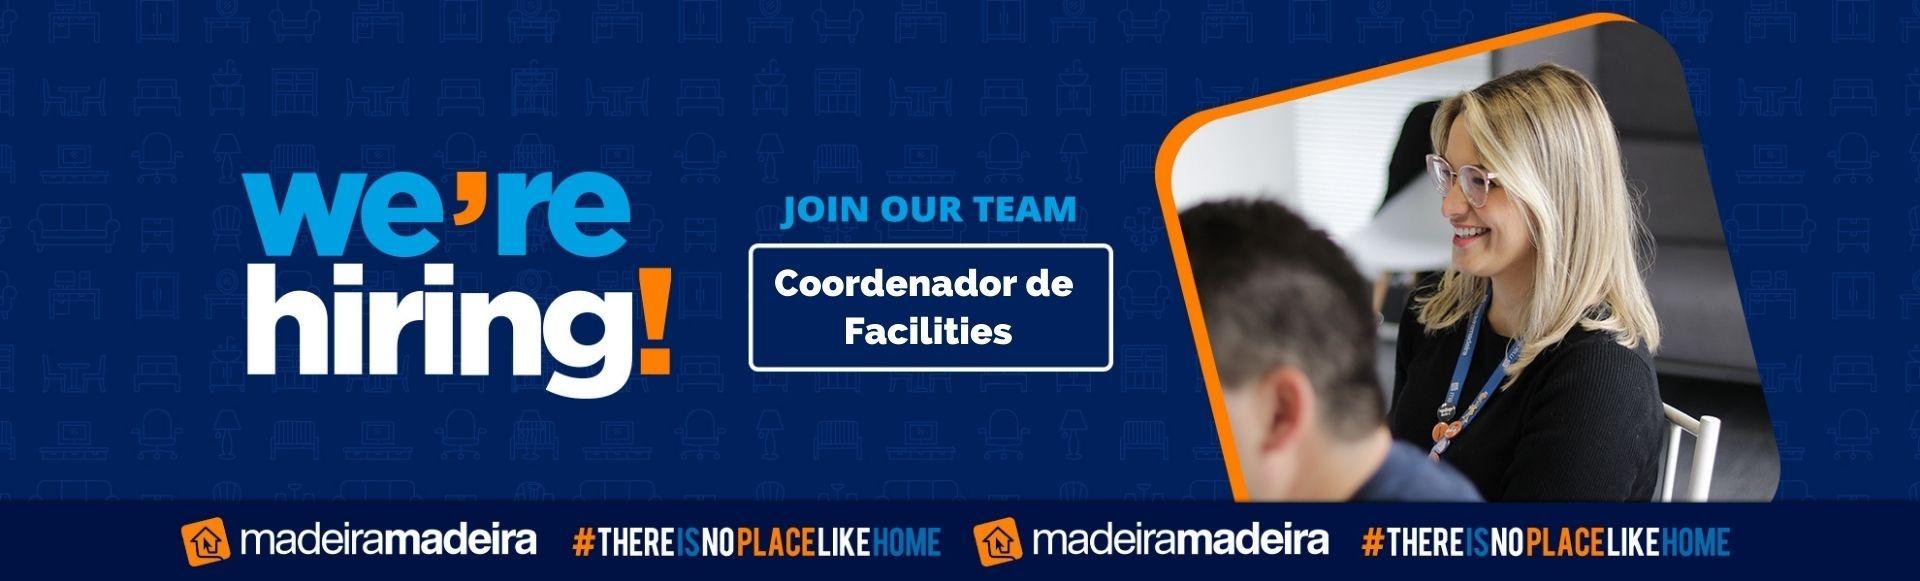 Coordenador de Facilities / SP